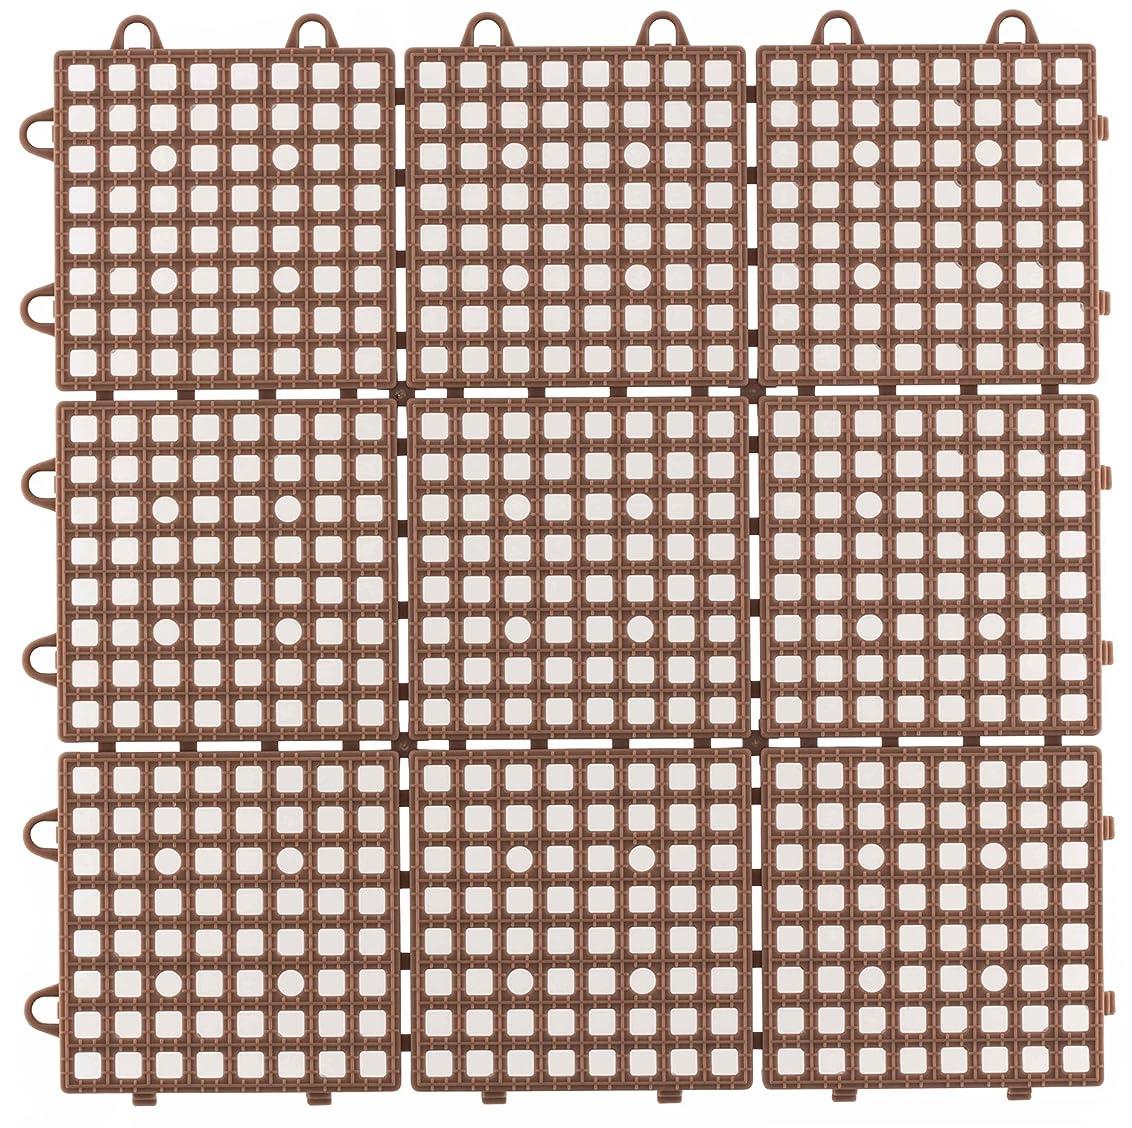 再編成するなめらかなラウズ日本製 システムスクエア 30枚セット ブラウン